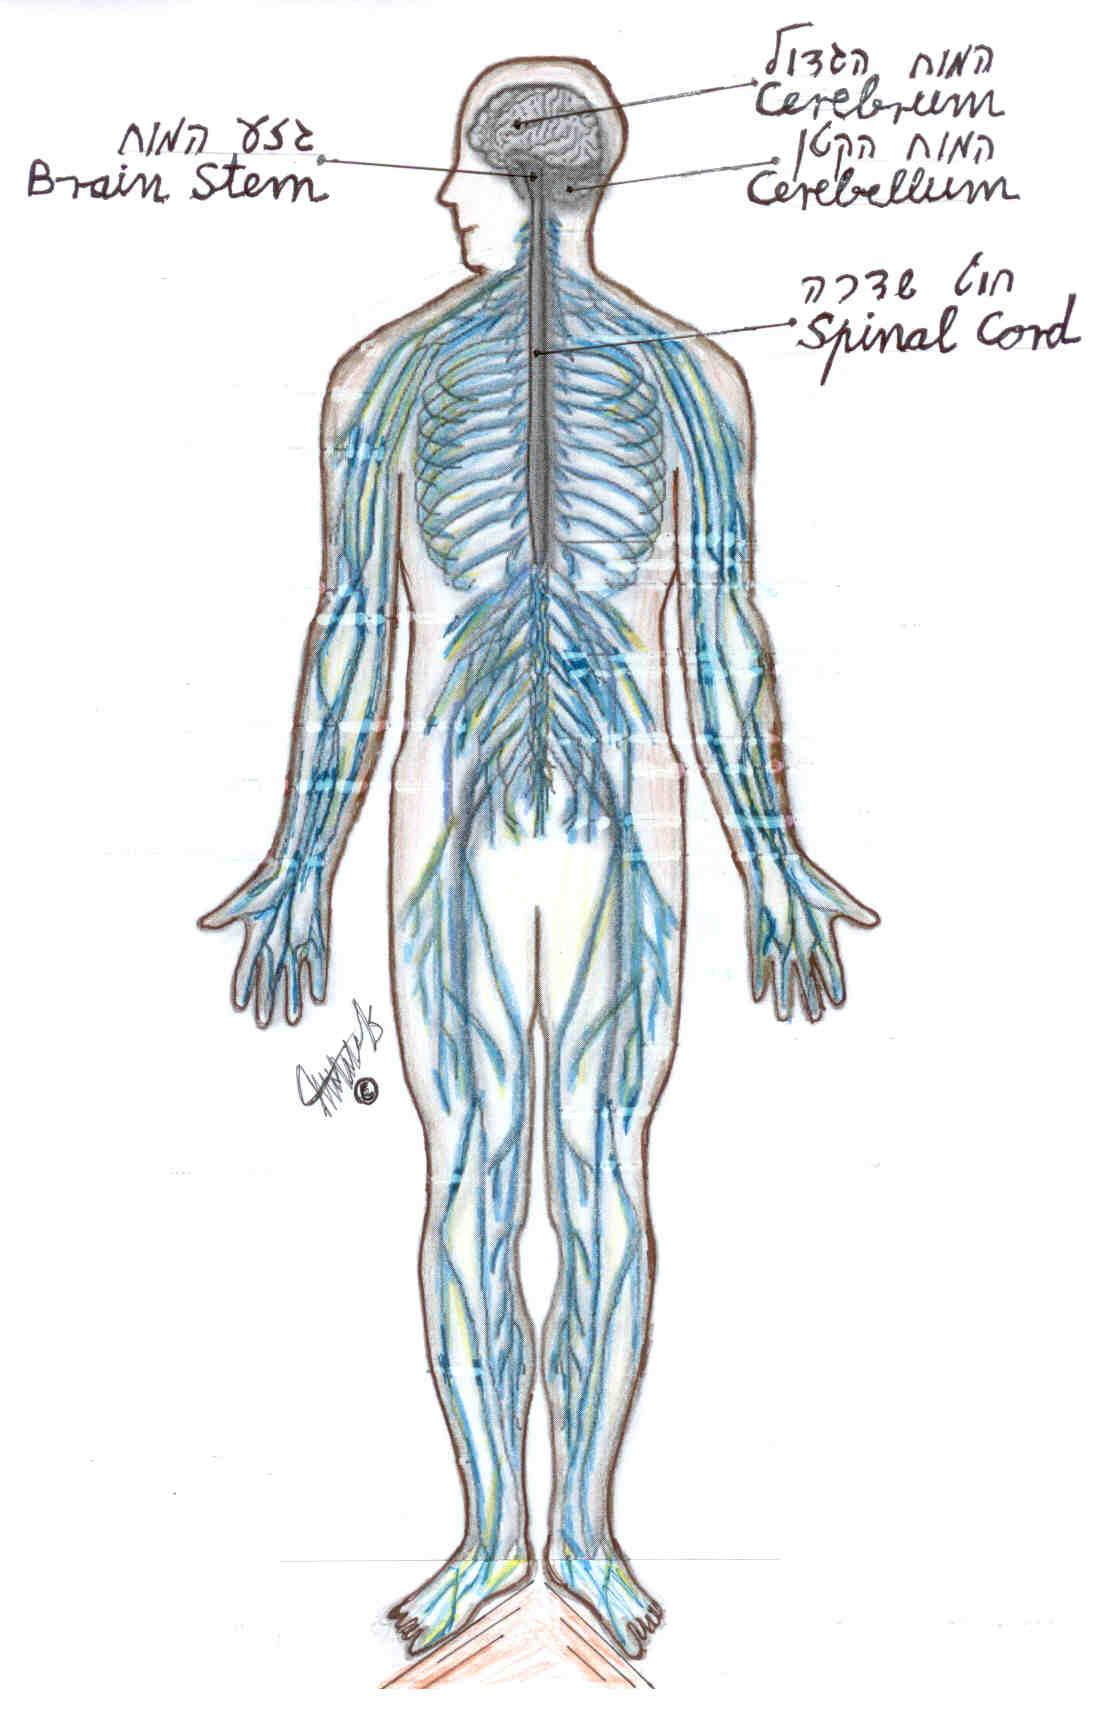 חוט שדרה מעביר את העצבים מהמוח לכל גופנו. אם מוחנו תקין ובגופנו עמוד שדרה עם מבנה אנטומי תקין קרוב לוודאי שמערכת העצבים הפריפריאלית תעבוד כראוי.